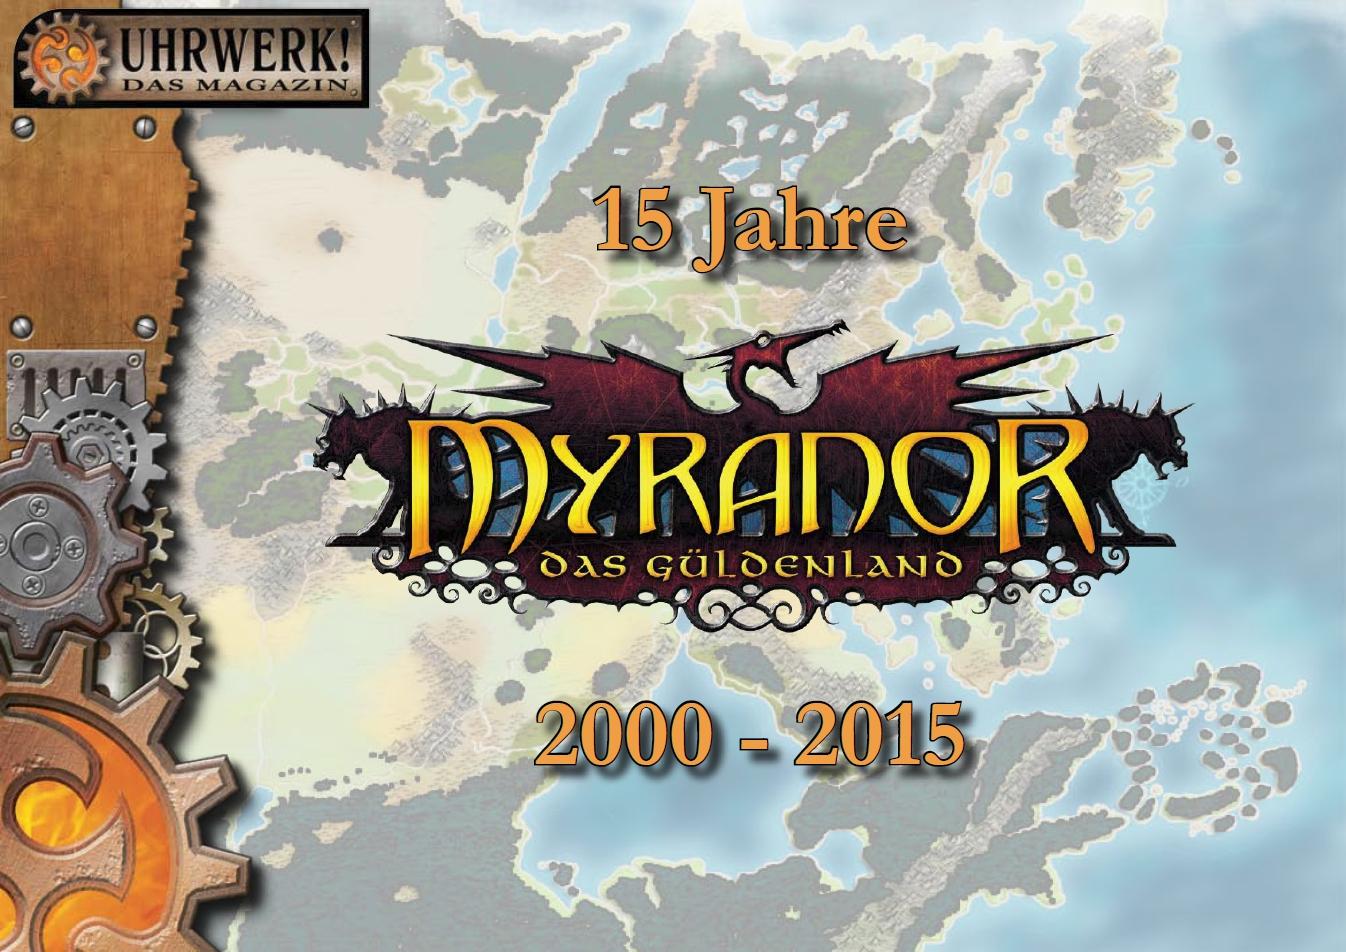 Uhrwerk! 15 Jahre Myranor